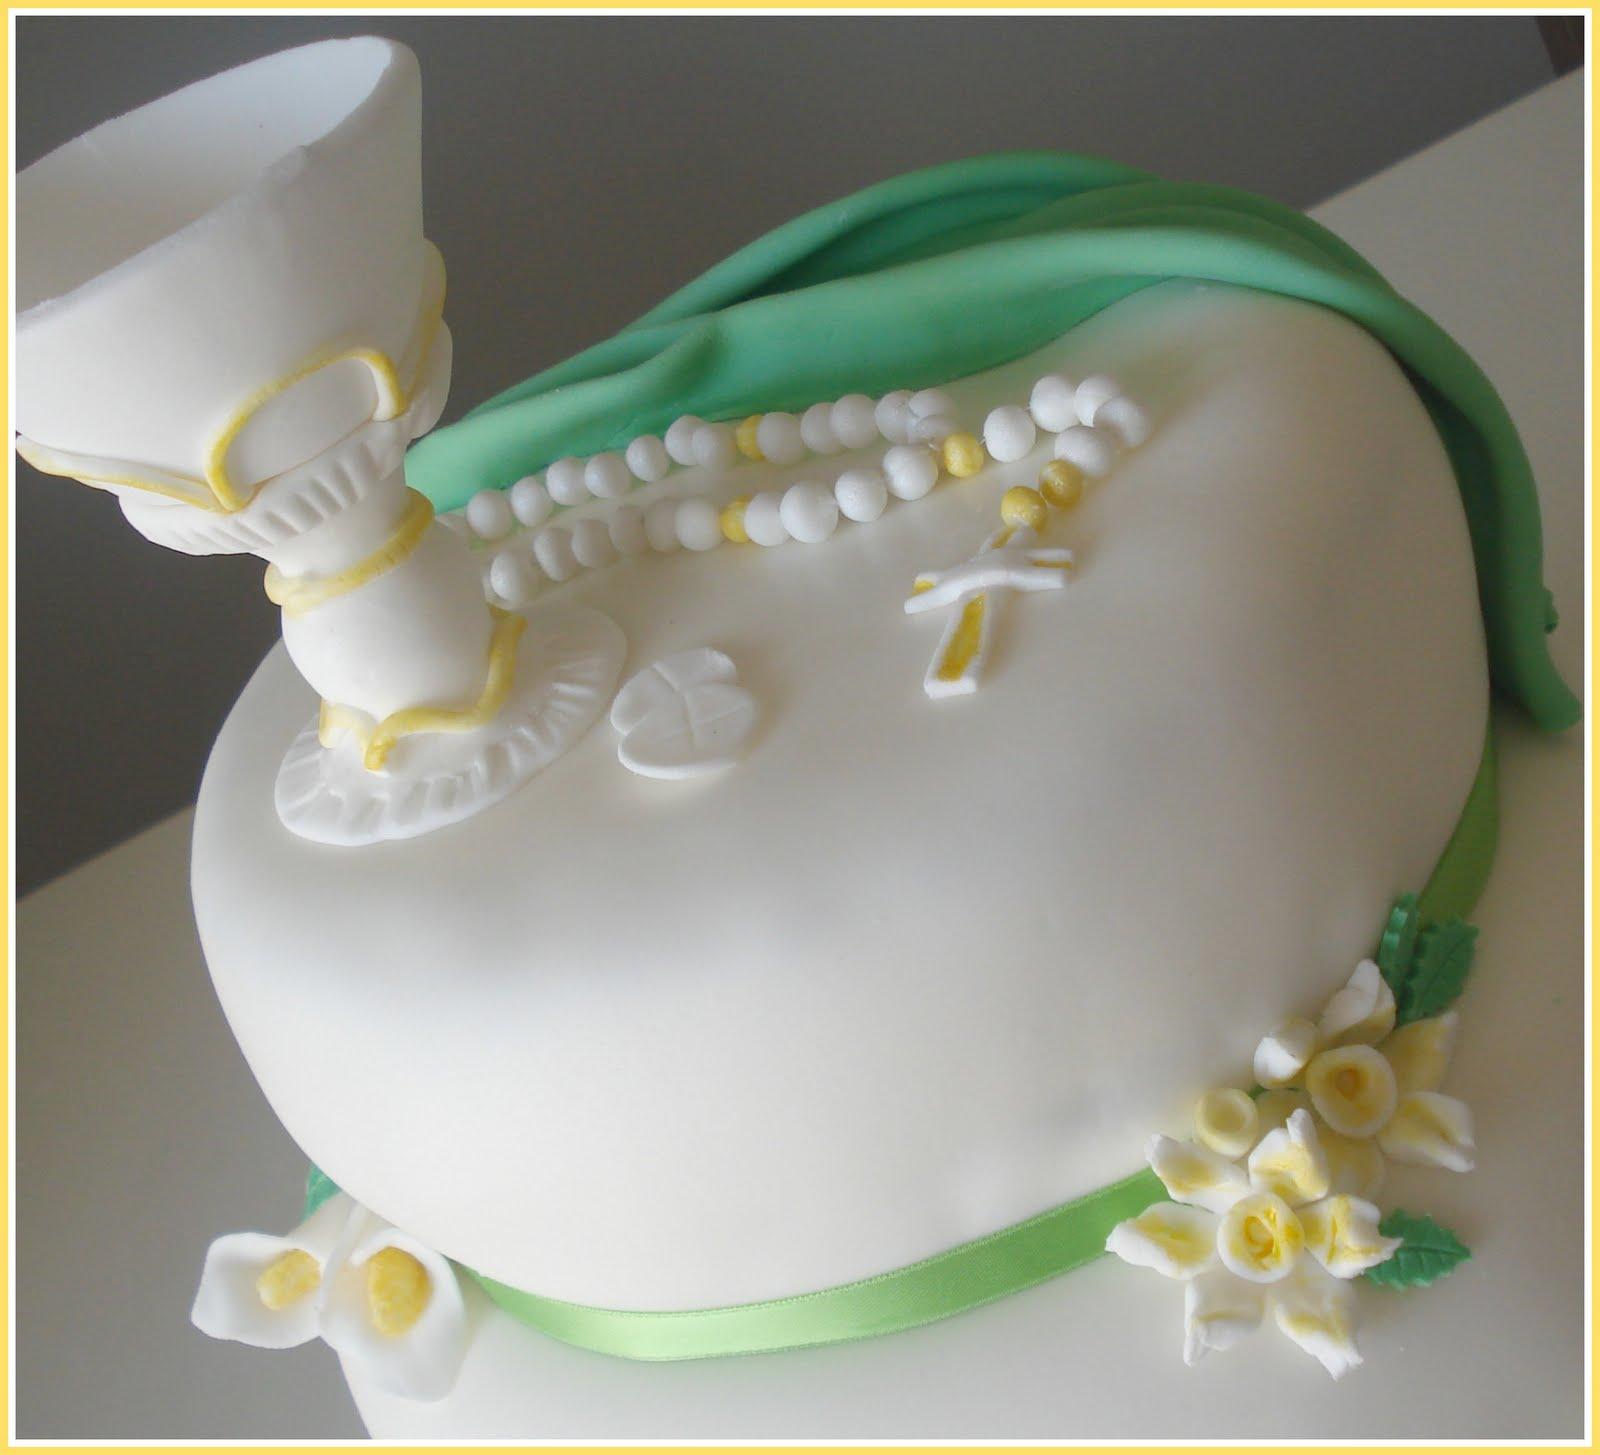 Buccia's Cakes: Torta Comunione